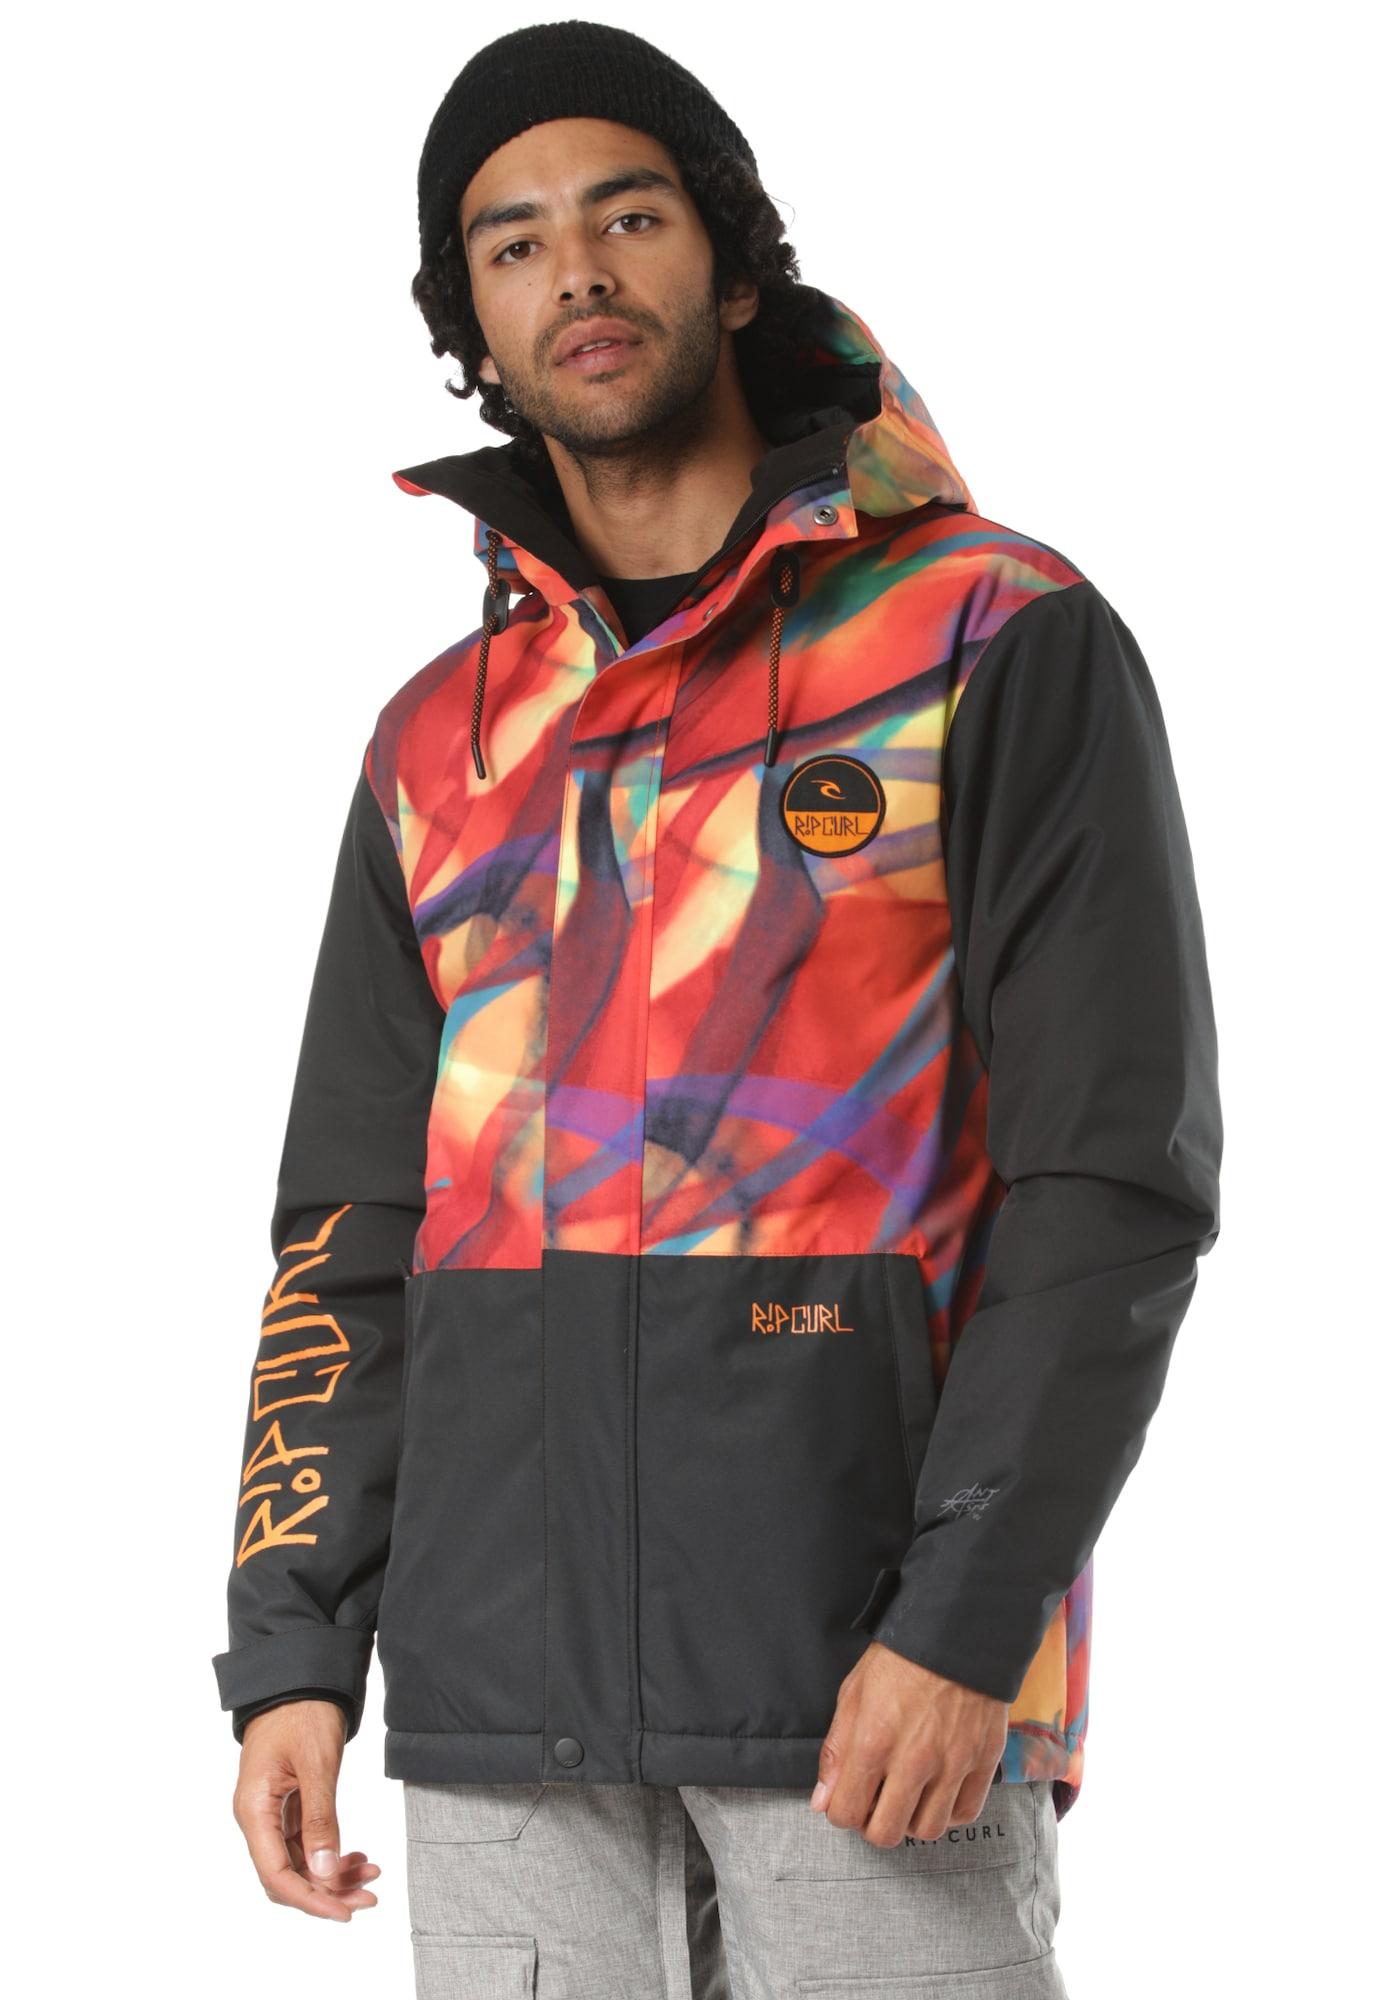 Herren Rip Curl Snowboardjacke 'The Top Notch' bunt,  mehrfarbig | 09353970079004